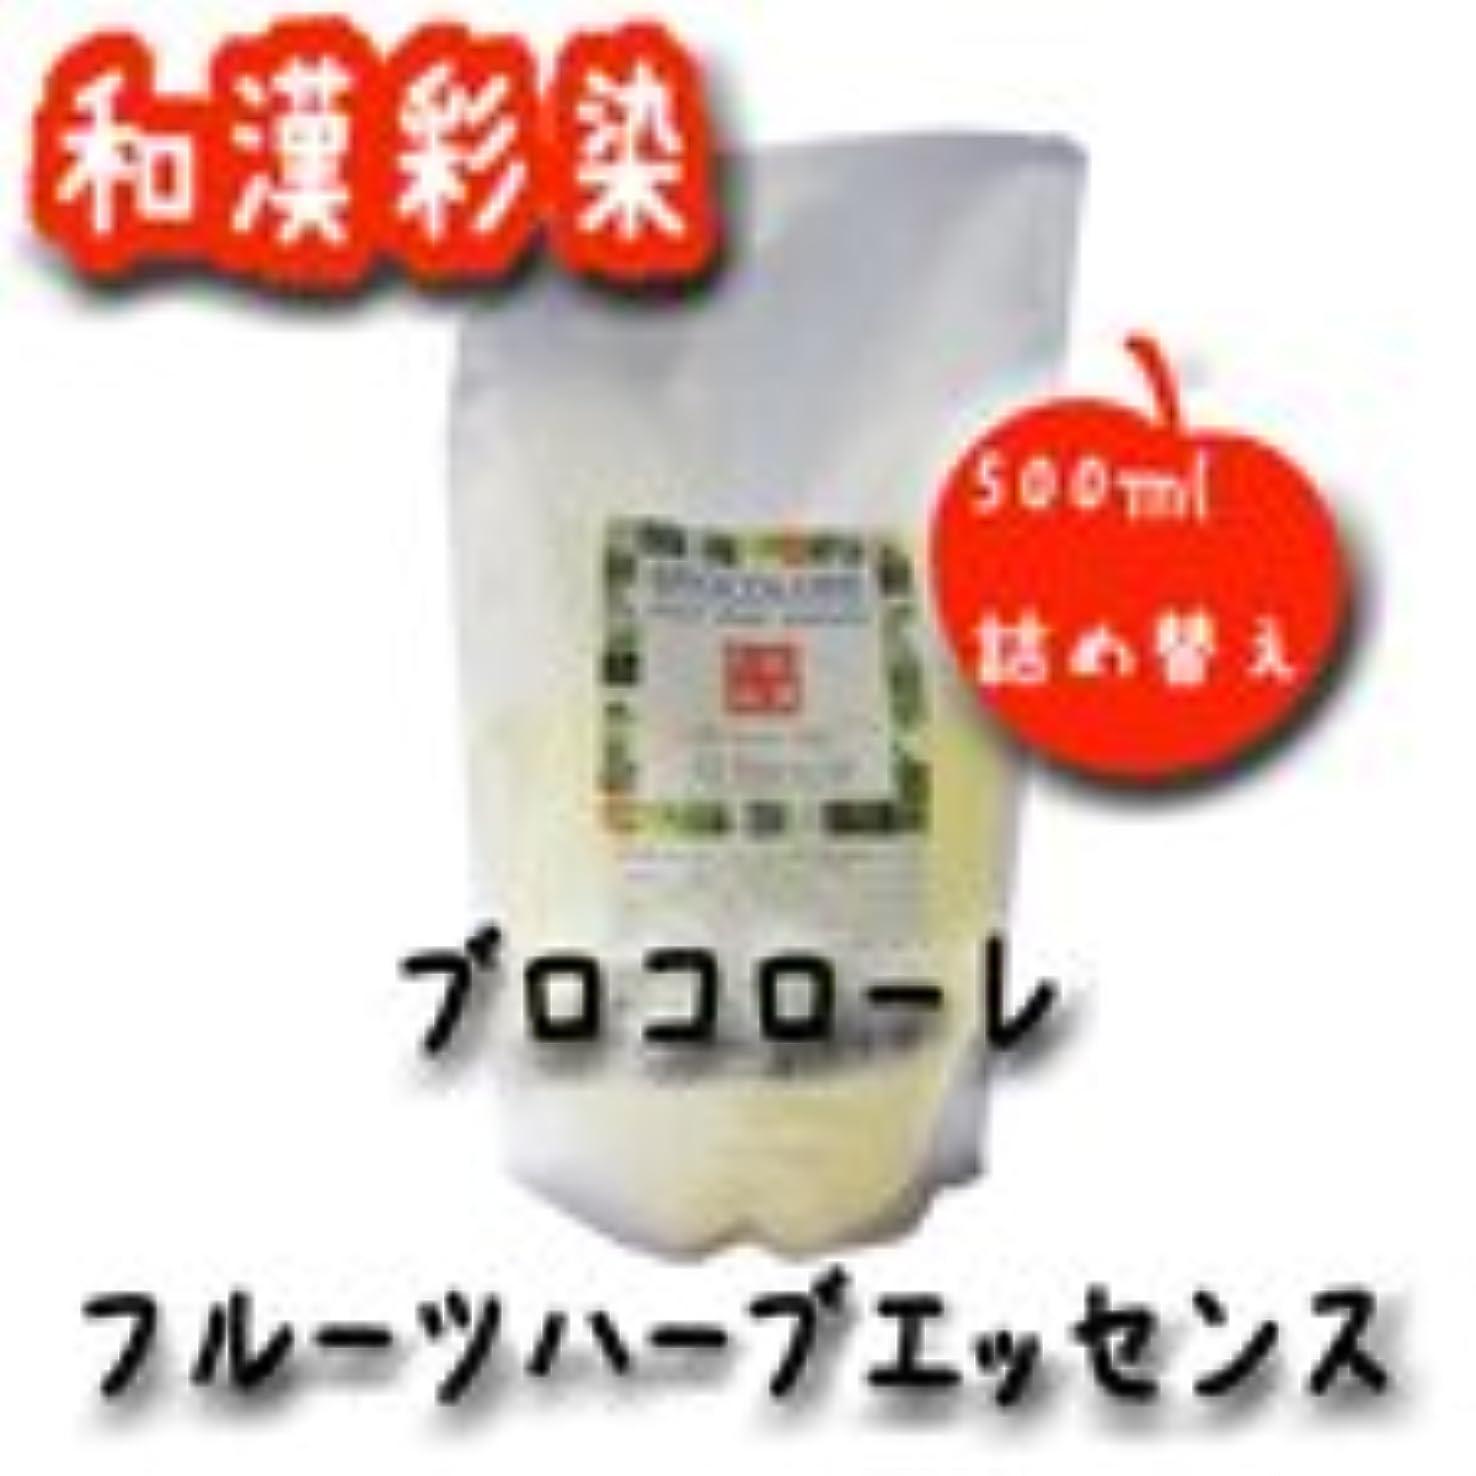 むさぼり食う影のある西部日本グランデックス 和漢彩染 ブロコローレ フルーツハーブエッセンス 500ml 【ヘアトリートメント】【頭皮クレンジング】